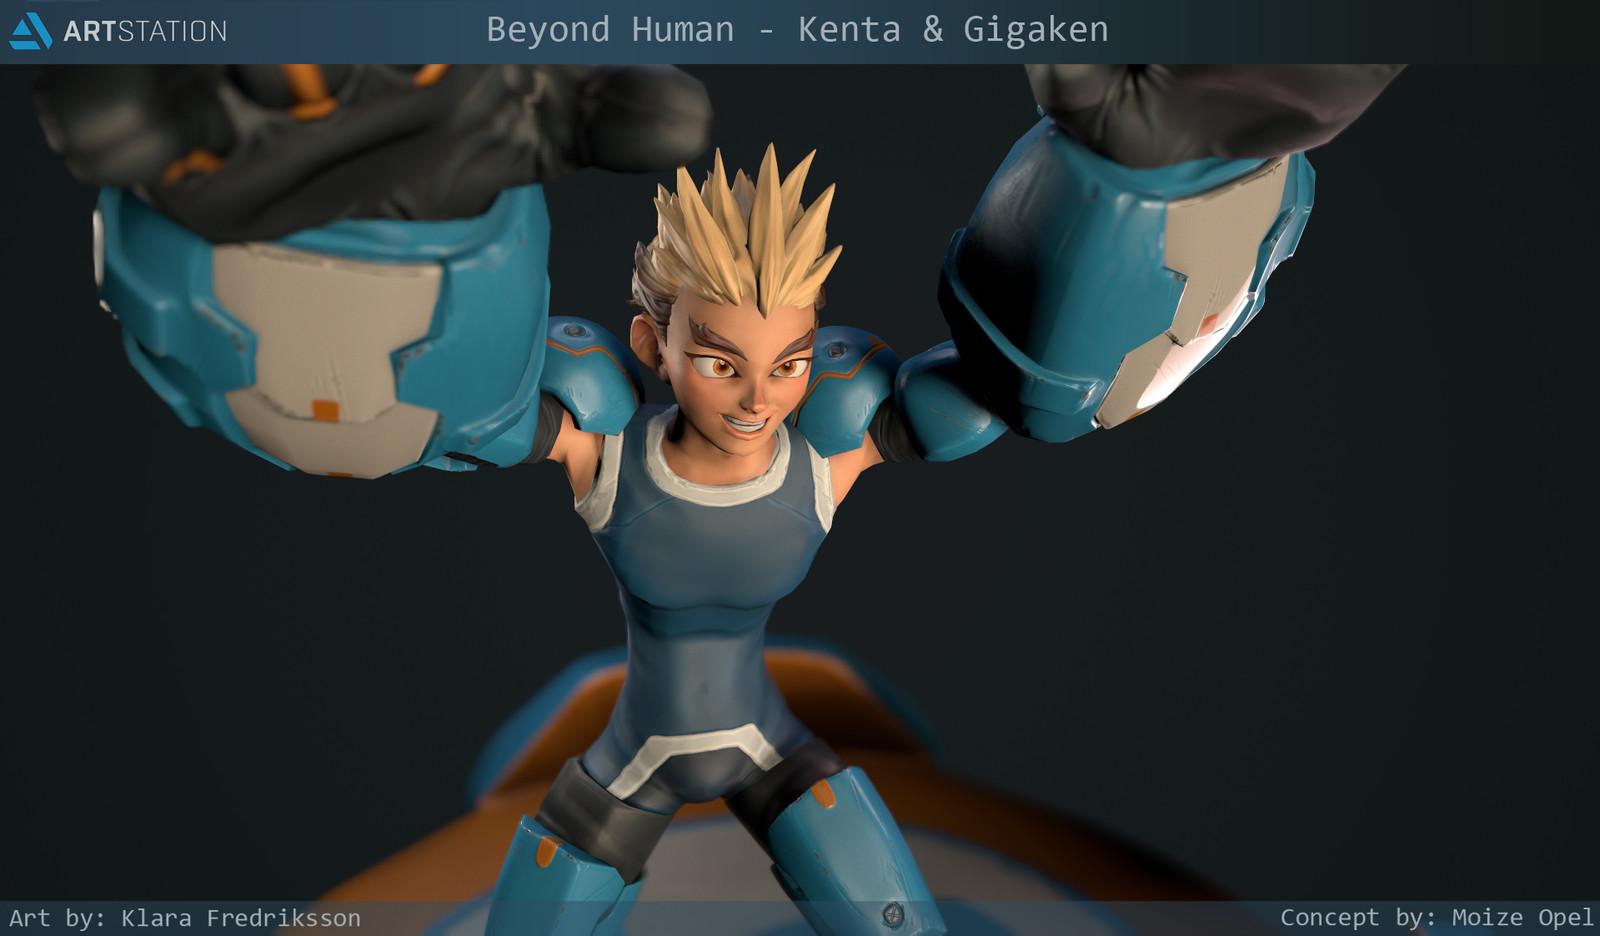 Beyond Human - Kenta